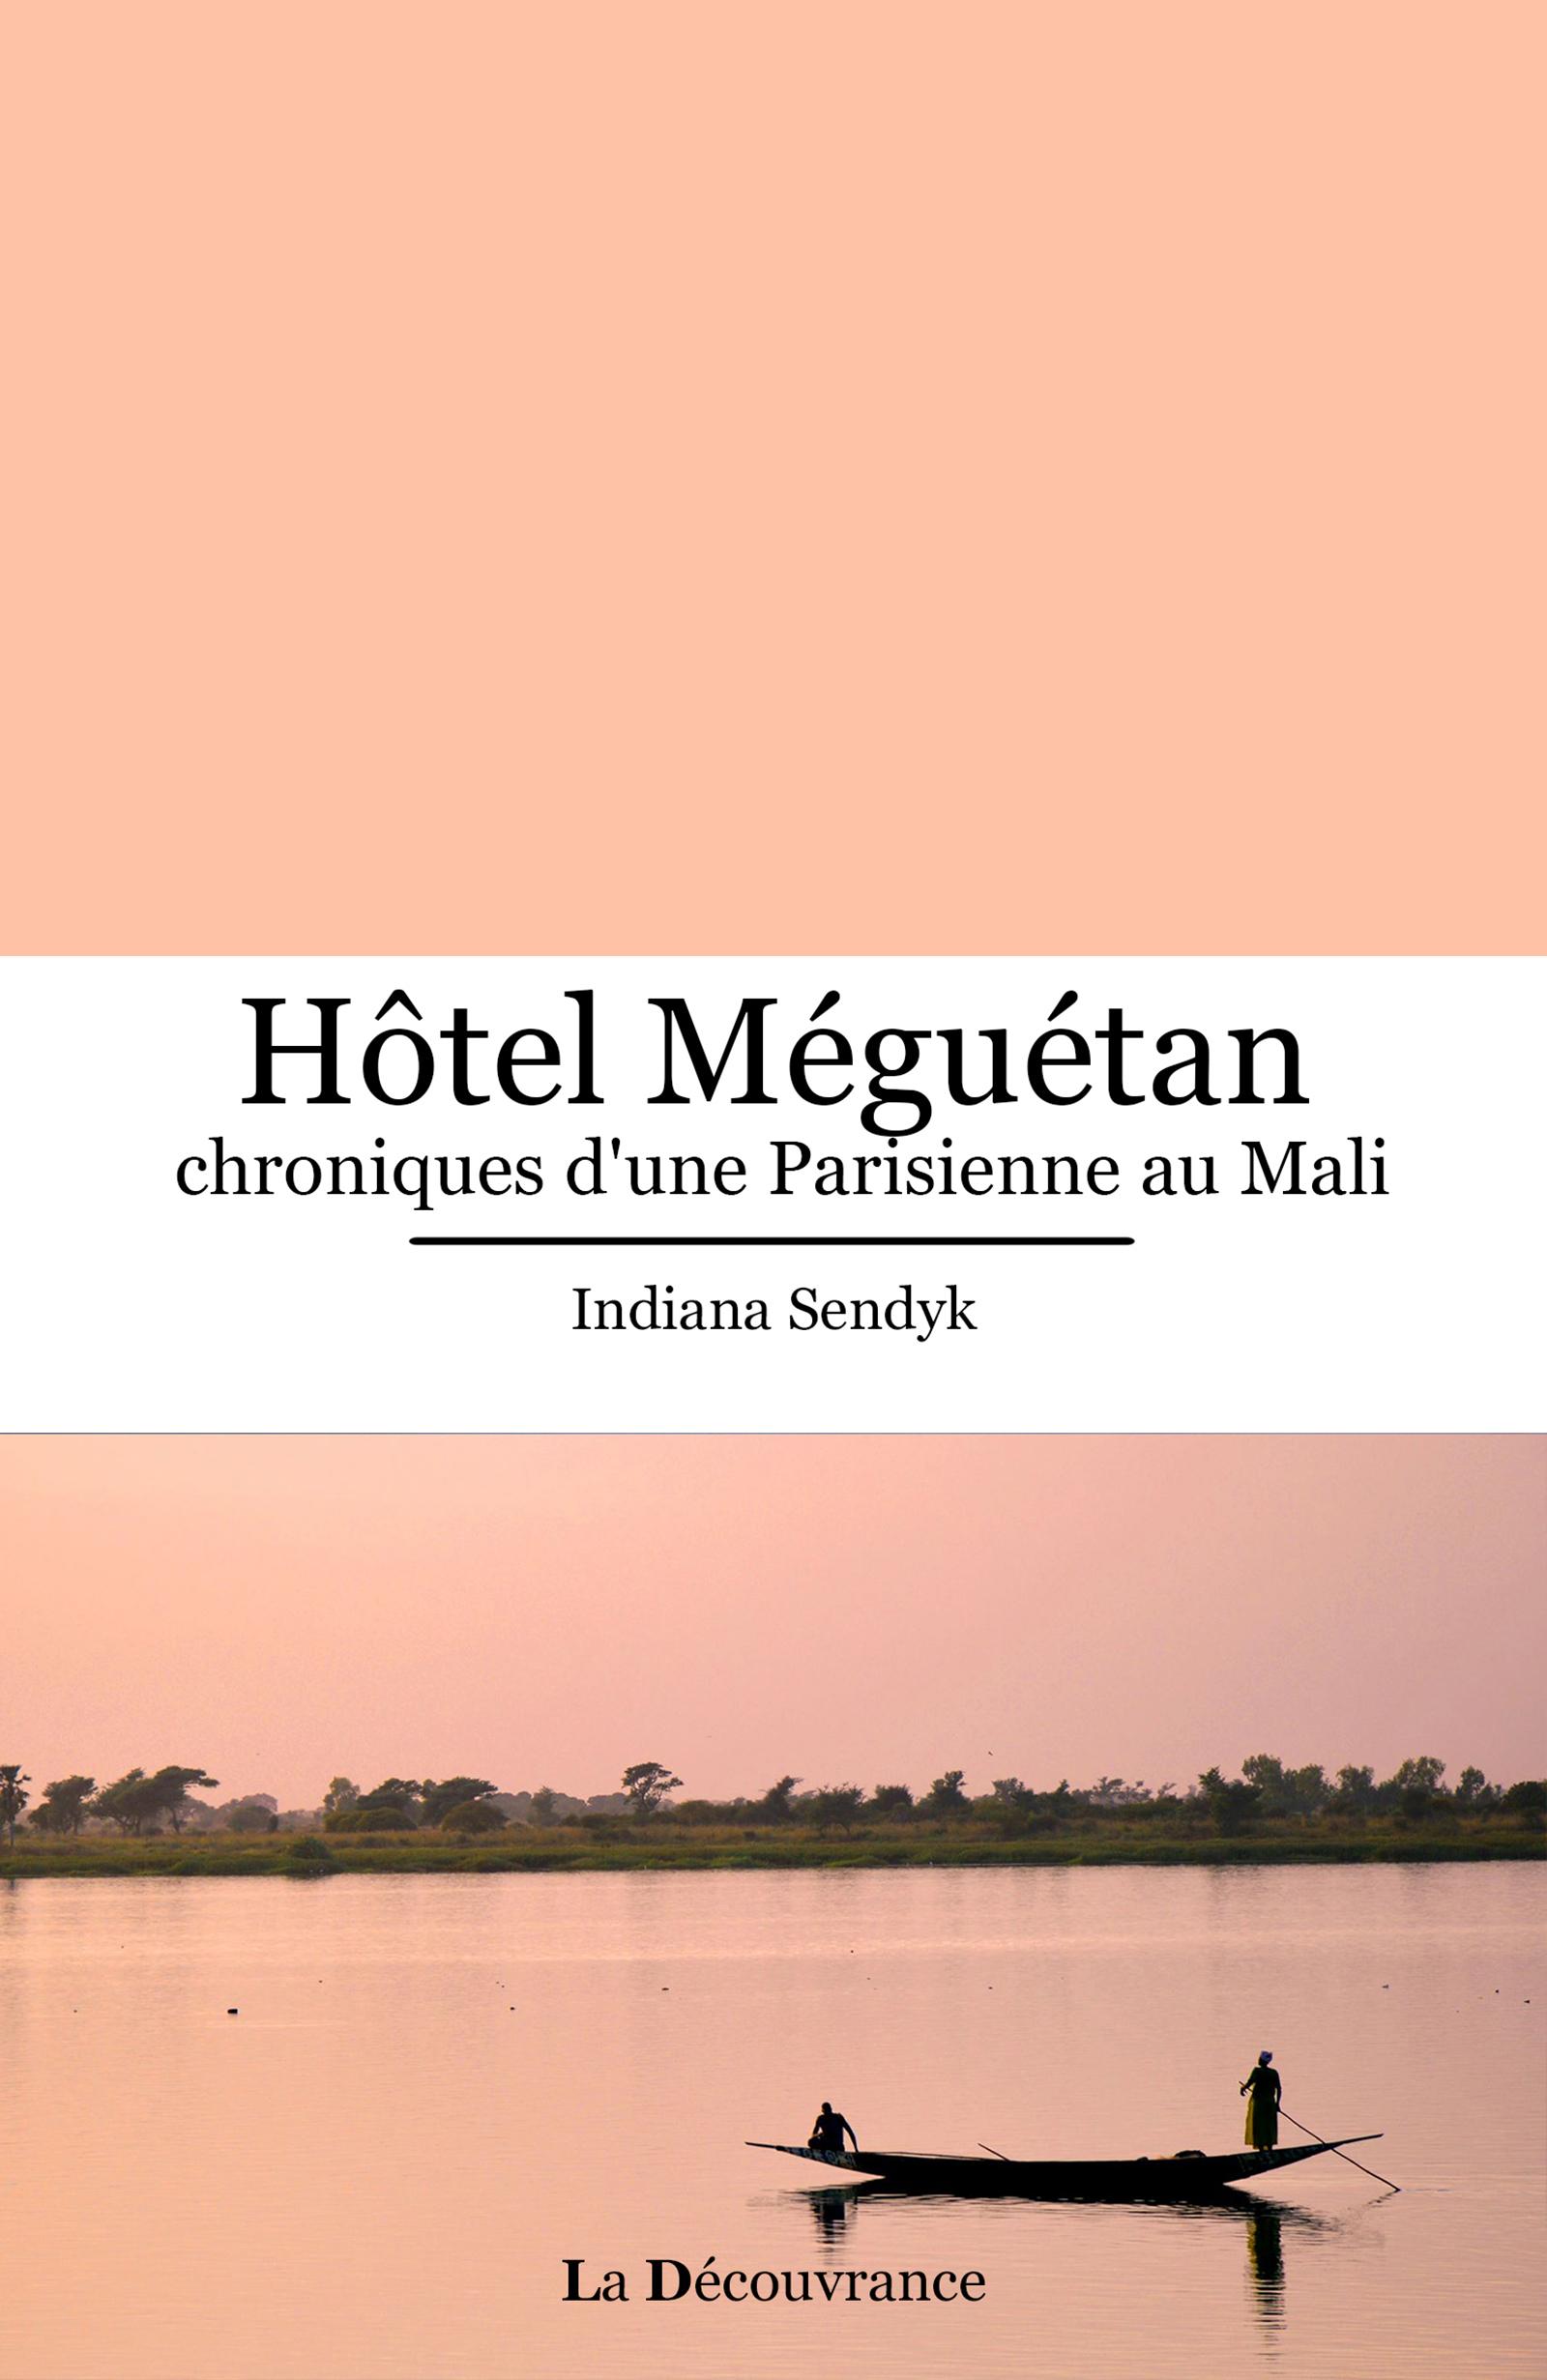 Hôtel Méguétan, chroniques d'une Parisienne au Mali